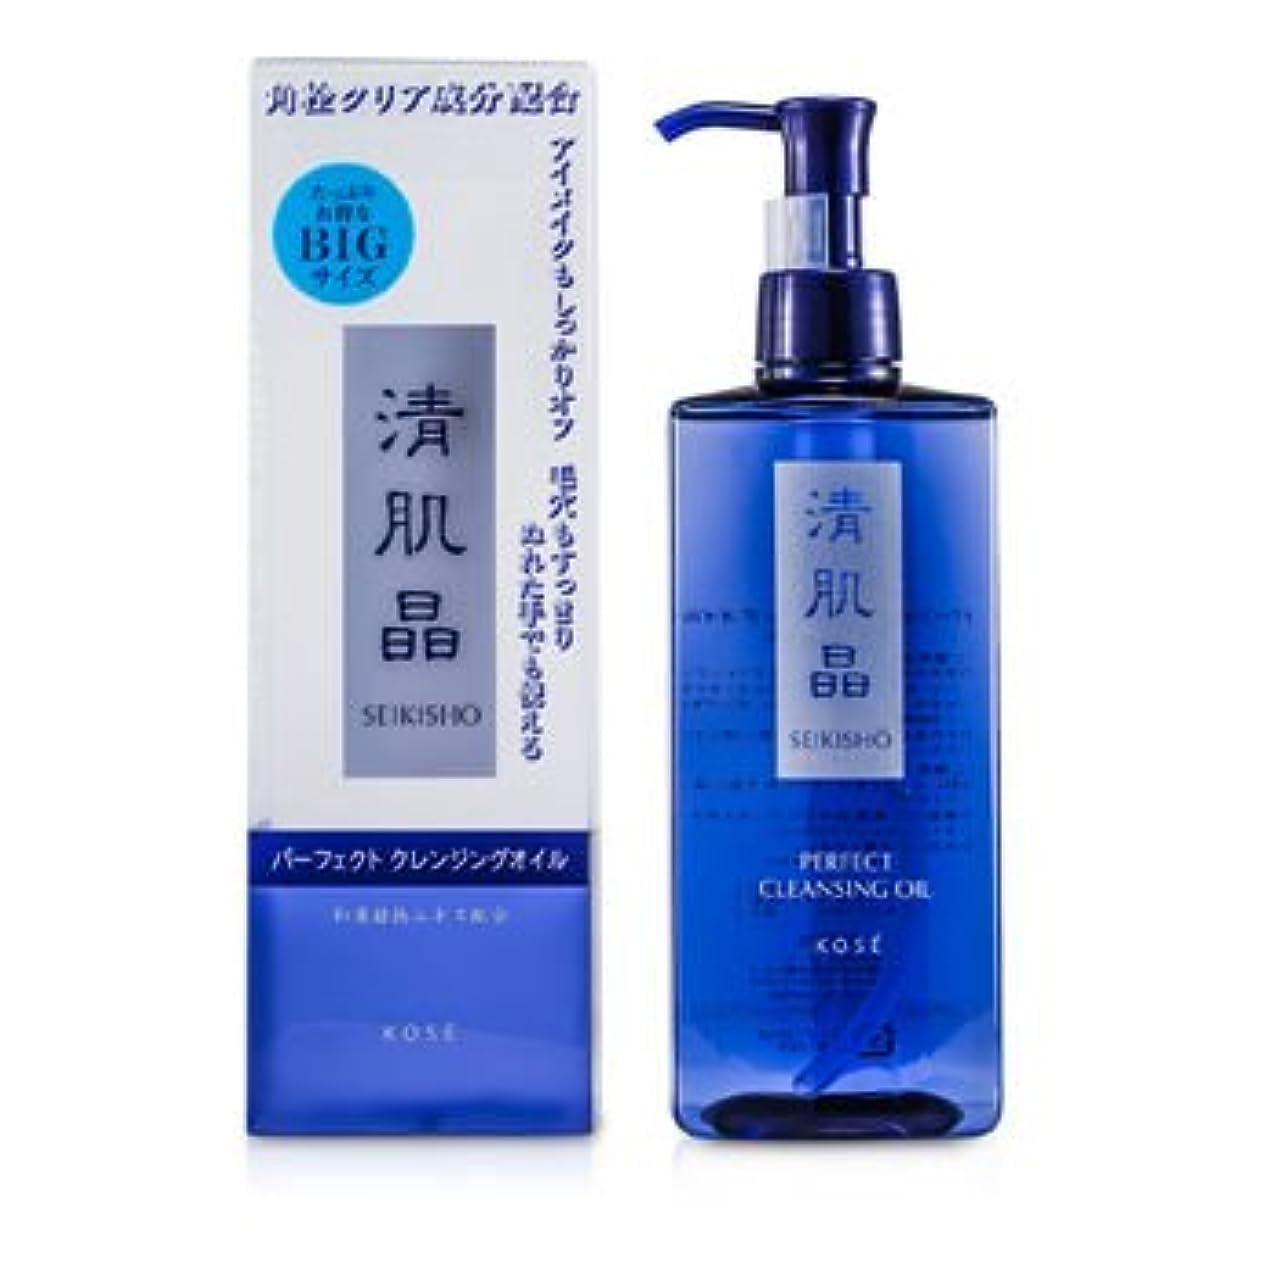 公園殉教者オンコーセー Seikisho Perfect Cleansing Oil 330ml/11oz並行輸入品